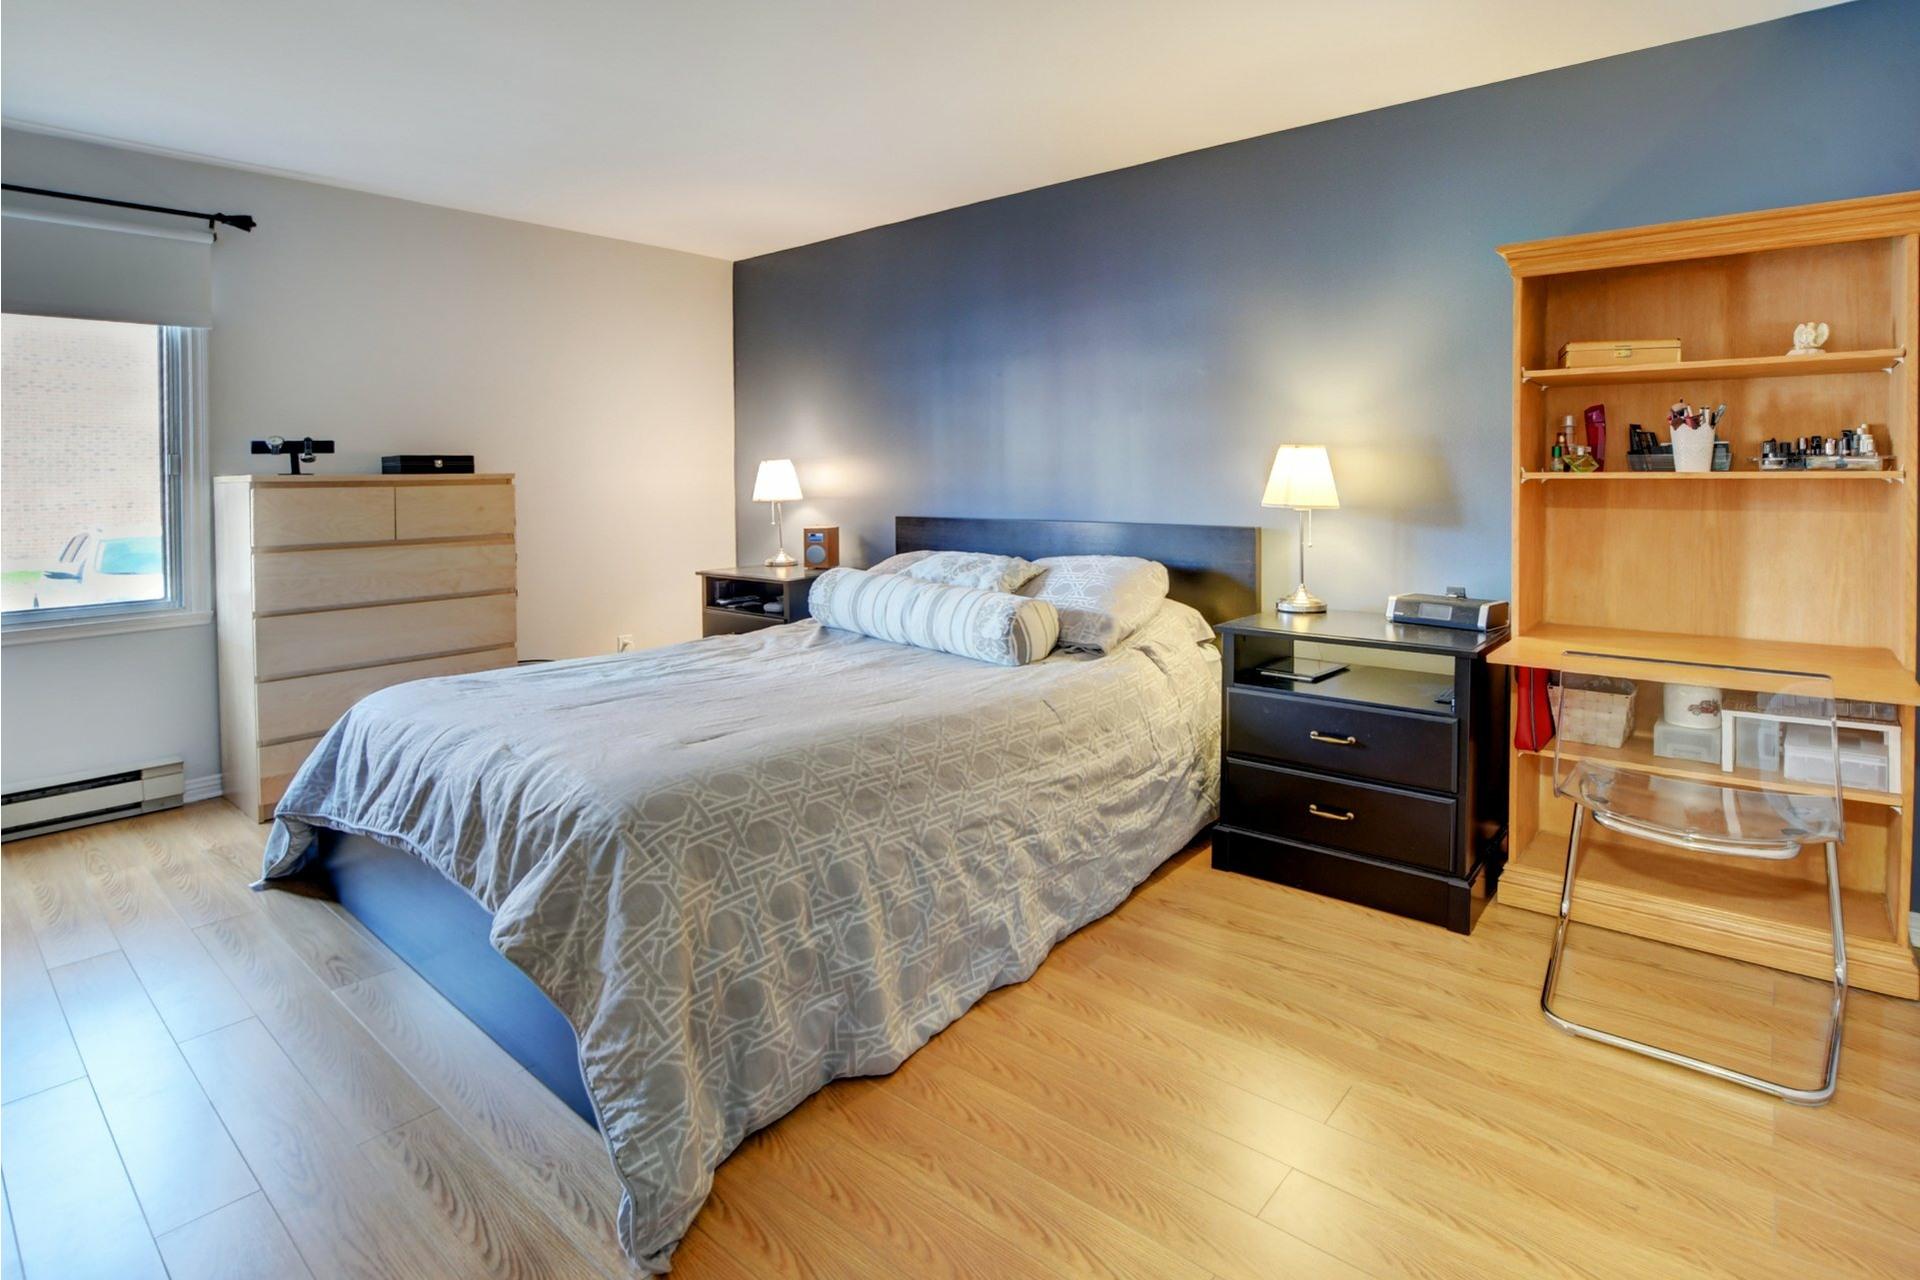 image 13 - Apartment For sale Rivière-des-Prairies/Pointe-aux-Trembles Montréal  - 9 rooms